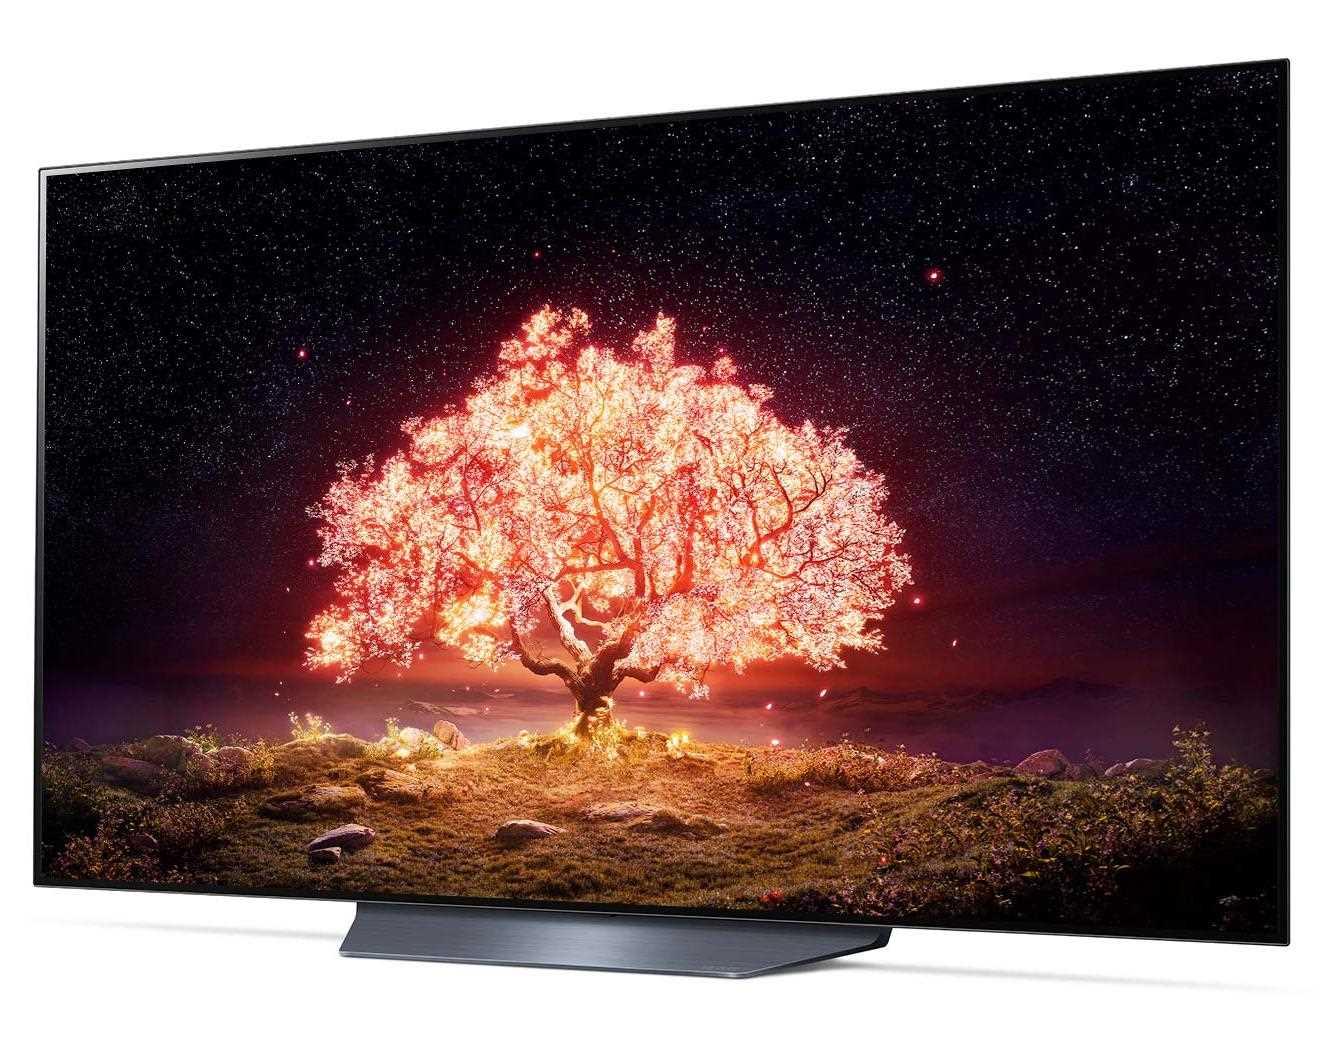 טלוויזיה 77 אינץ' דגם OLED 77B16LA/PVA  בטכנולוגיית LG OLED 4K Ultra HD אל ג'י - תמונה 2